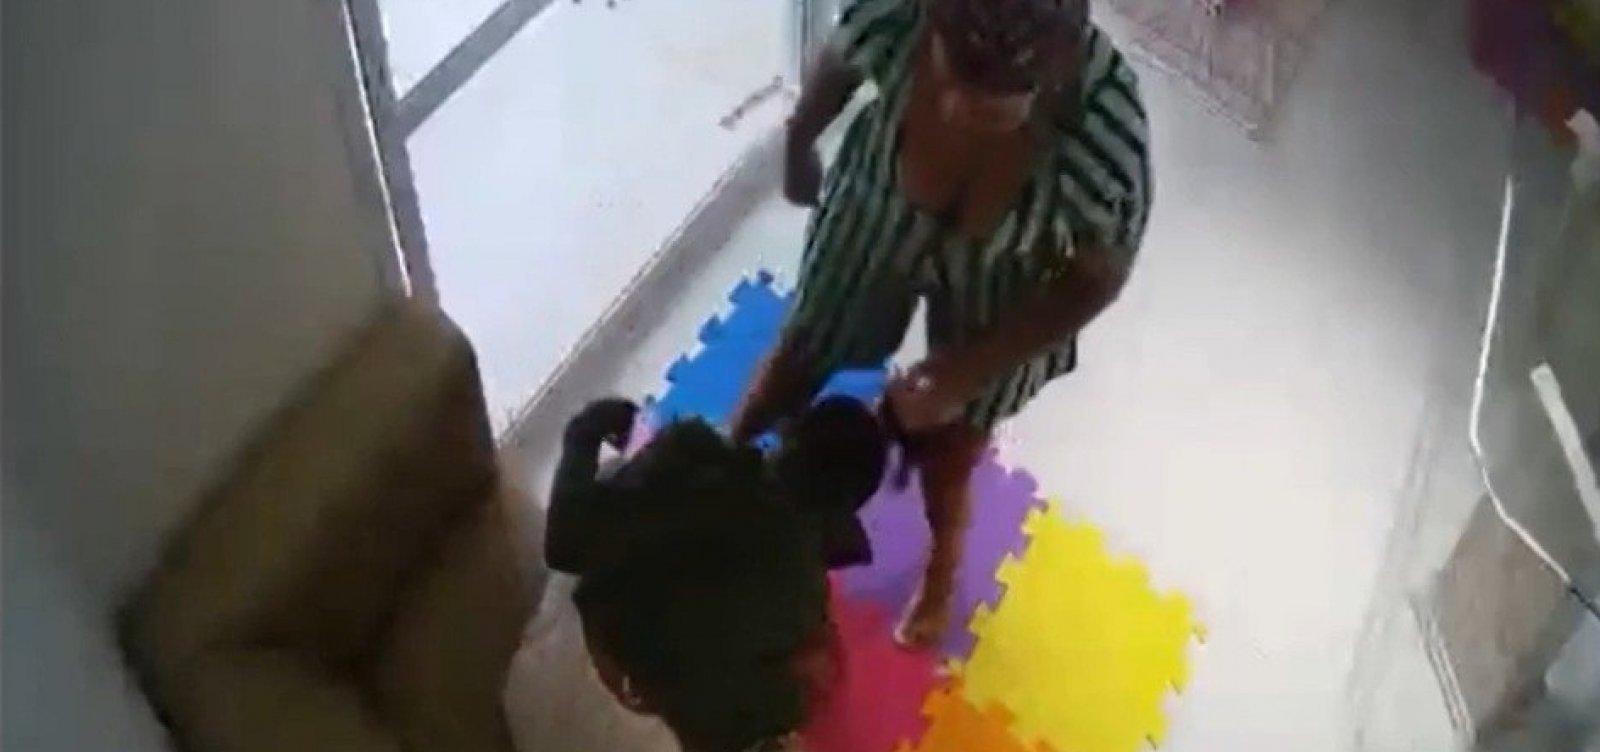 Justiça determina que investigada por agredir babá use tornozeleira eletrônica